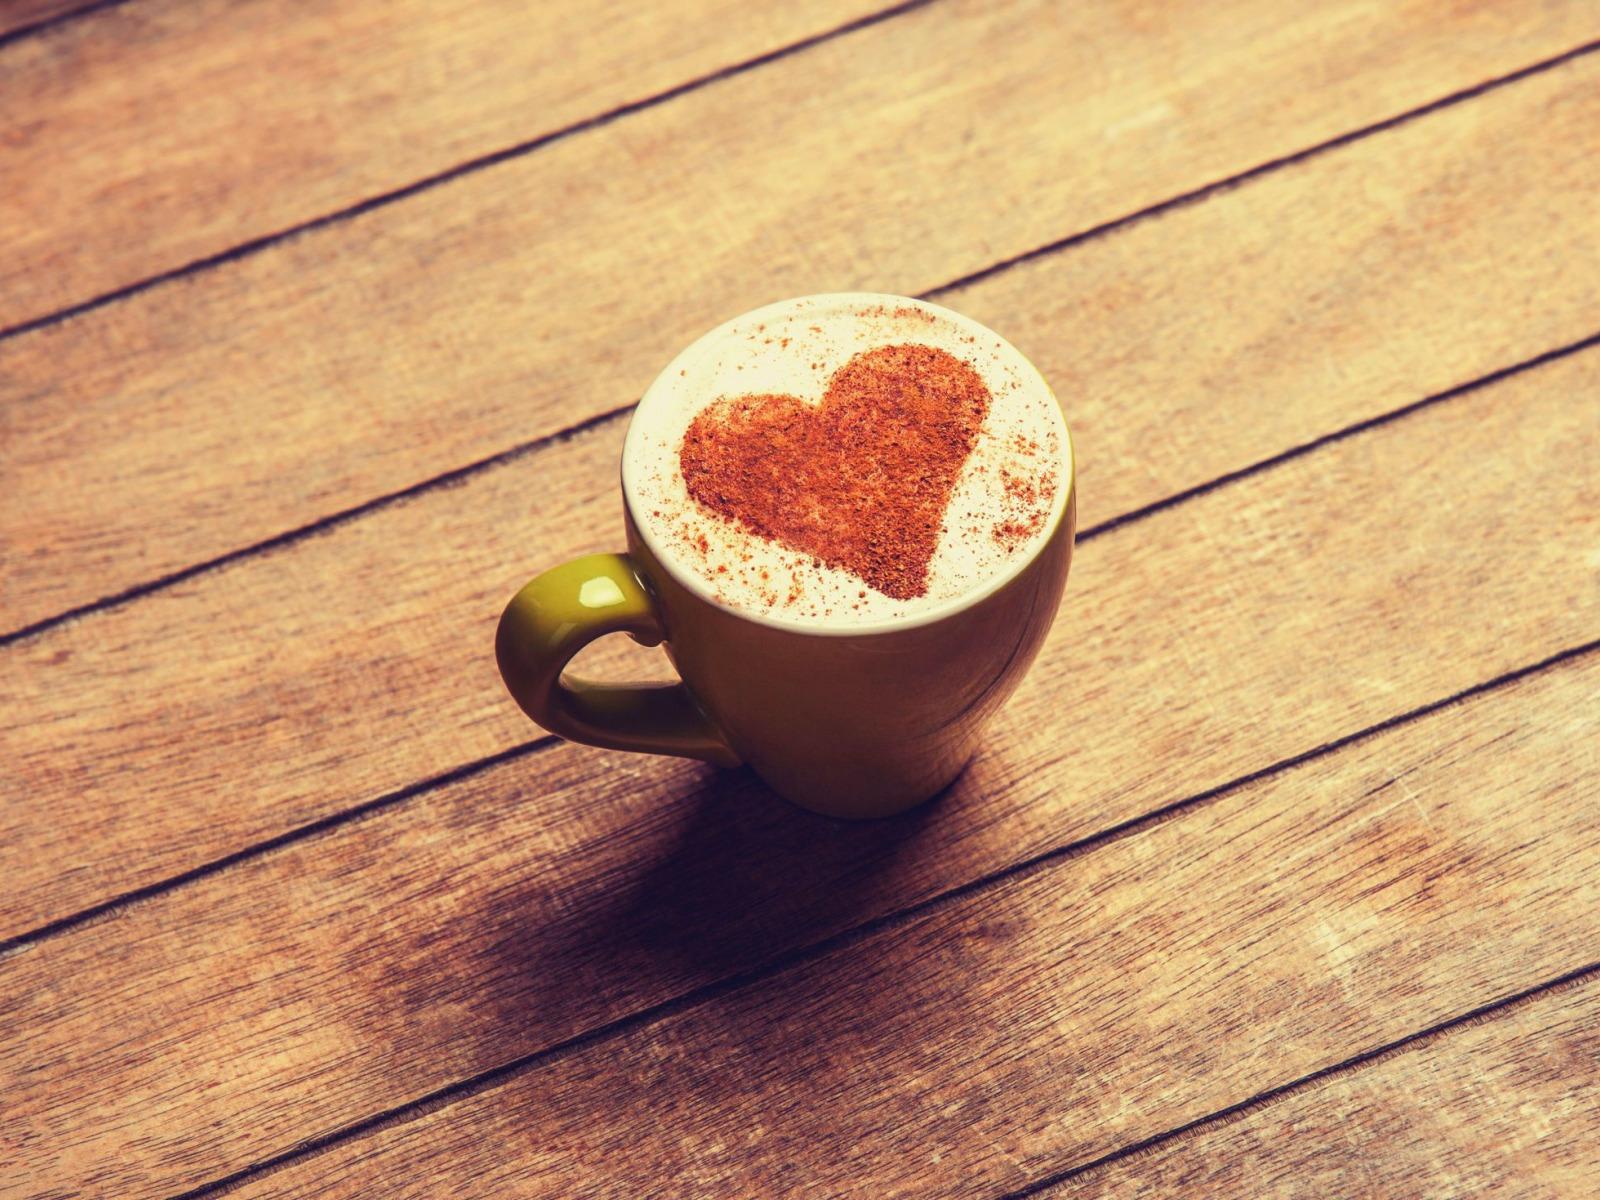 фото кофе в чашке с сердечком стакан хайболл положите